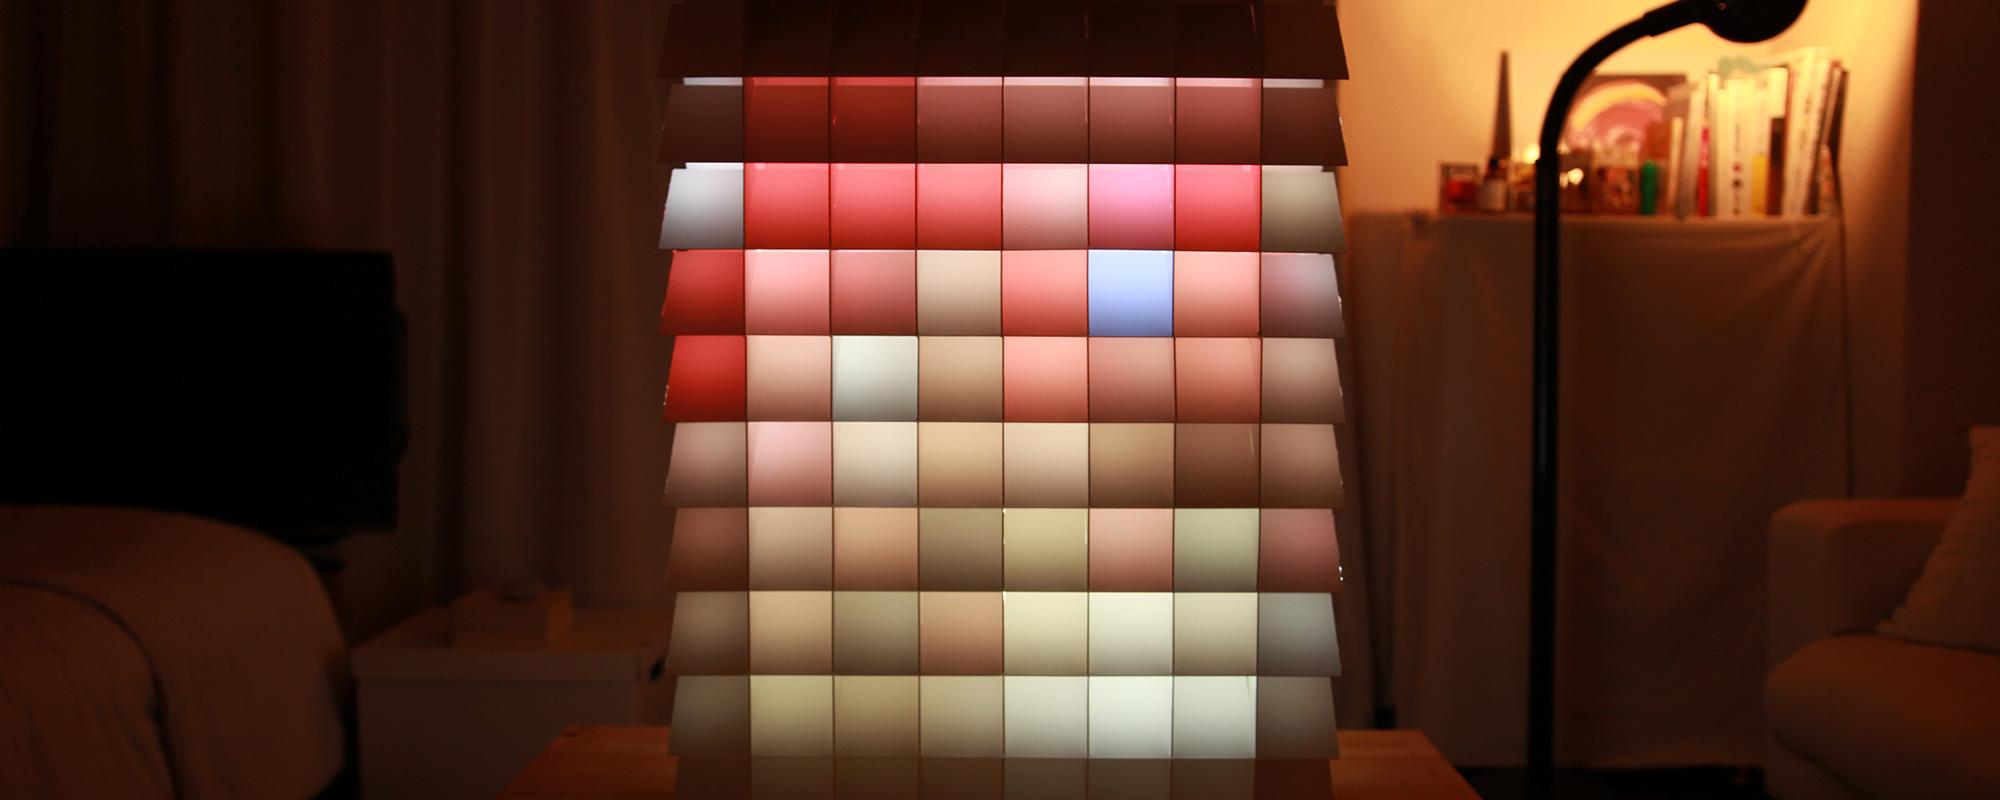 Lexus Design Award 2017 gaat naar 'Pixel' van Hiroto Yoshizoe